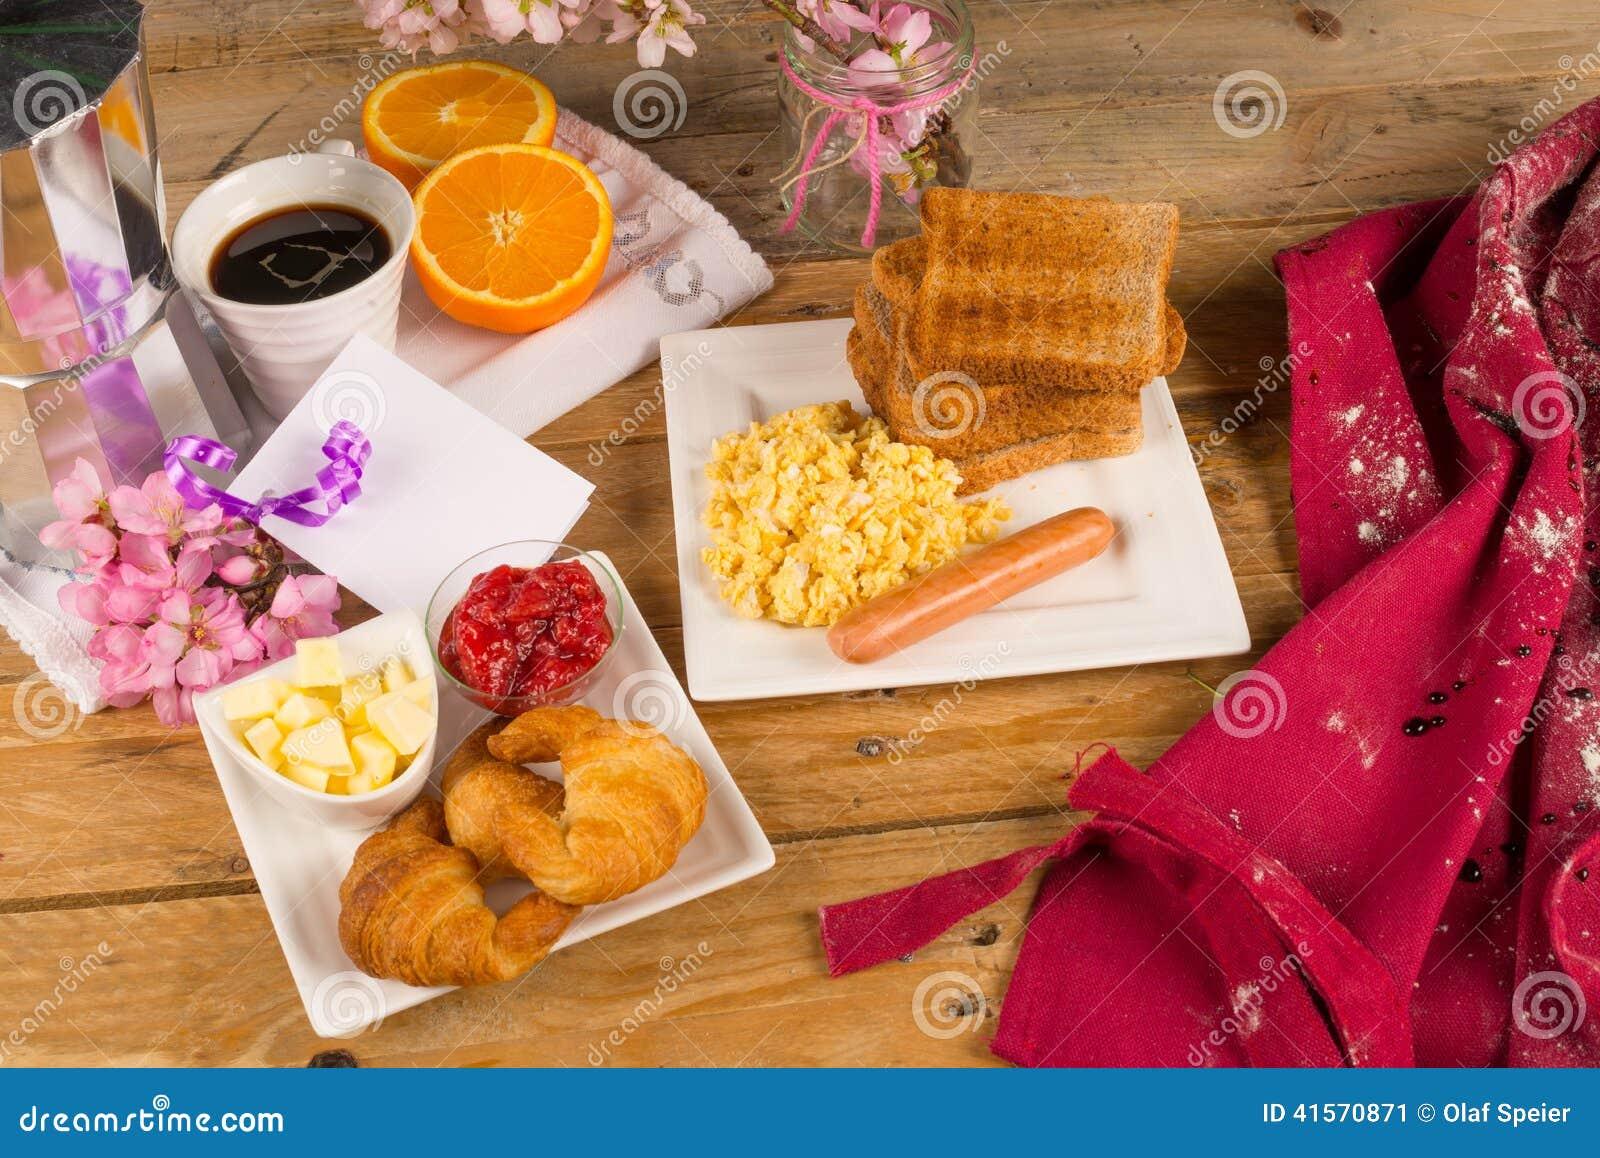 Mesa de desayuno del d a de fiesta foto de archivo for Mesa desayuno